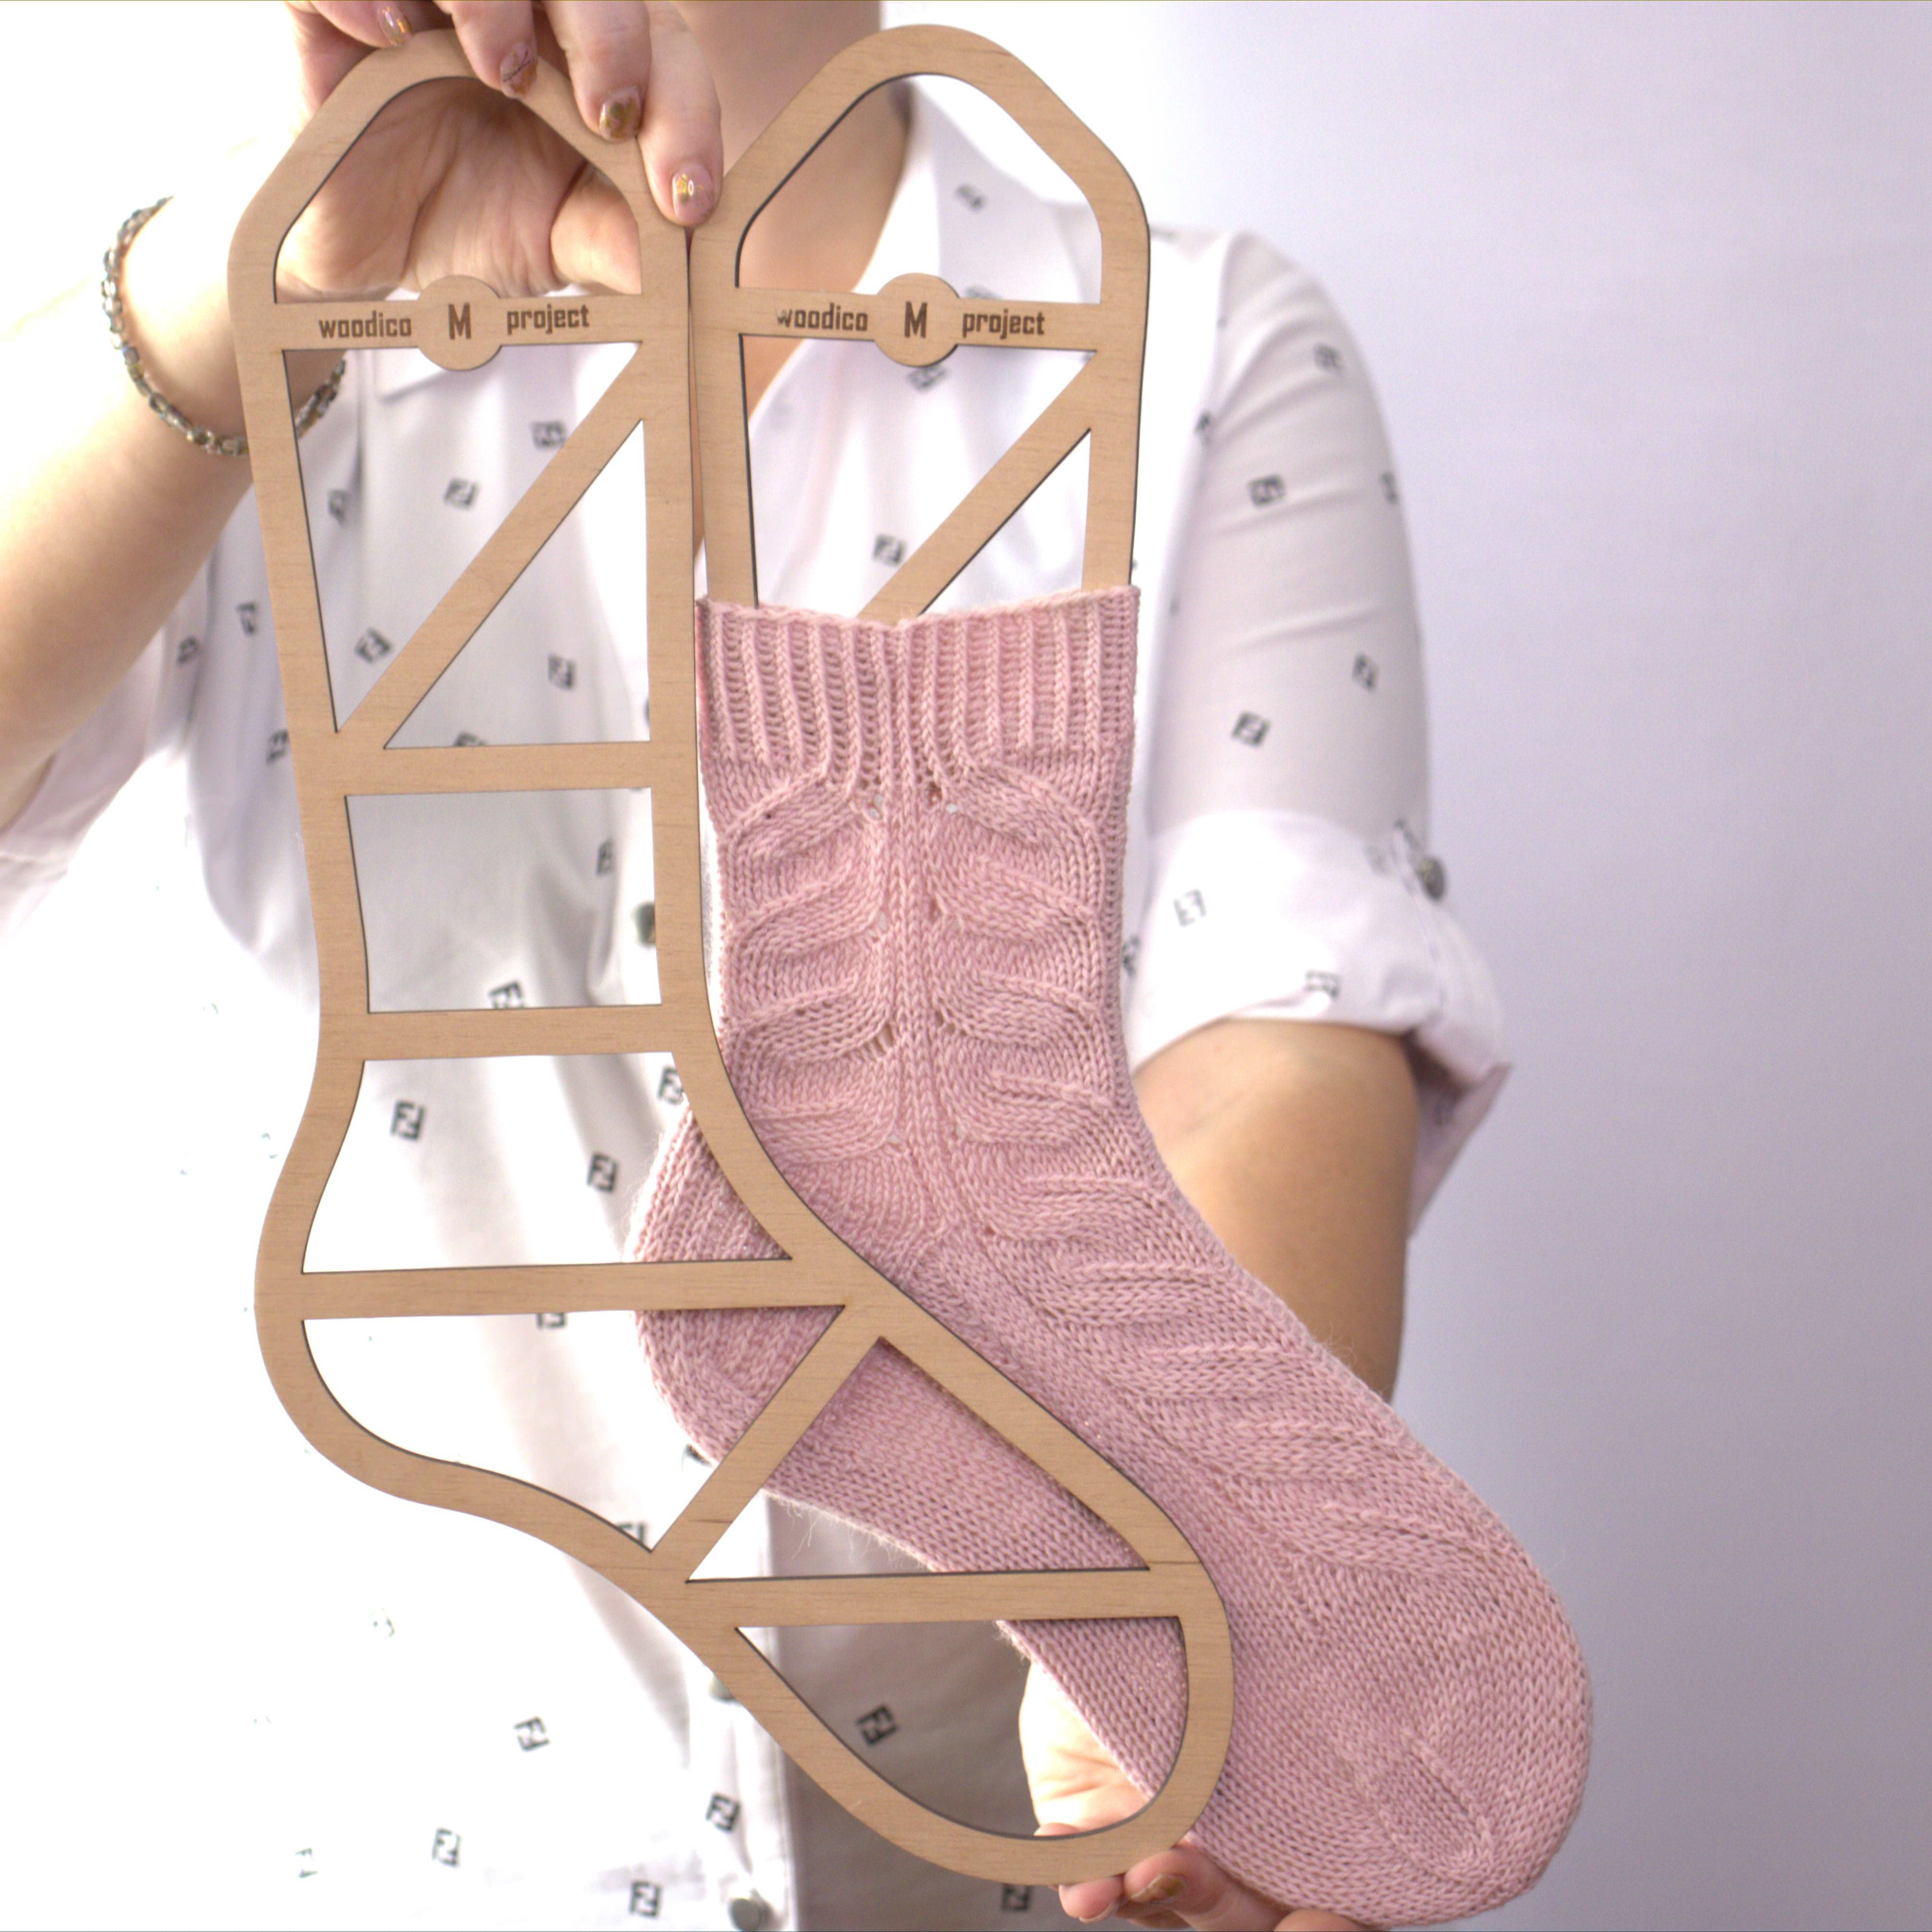 woodico.pro wooden sock blockers zen - New product - Wooden sock blockers / Zen